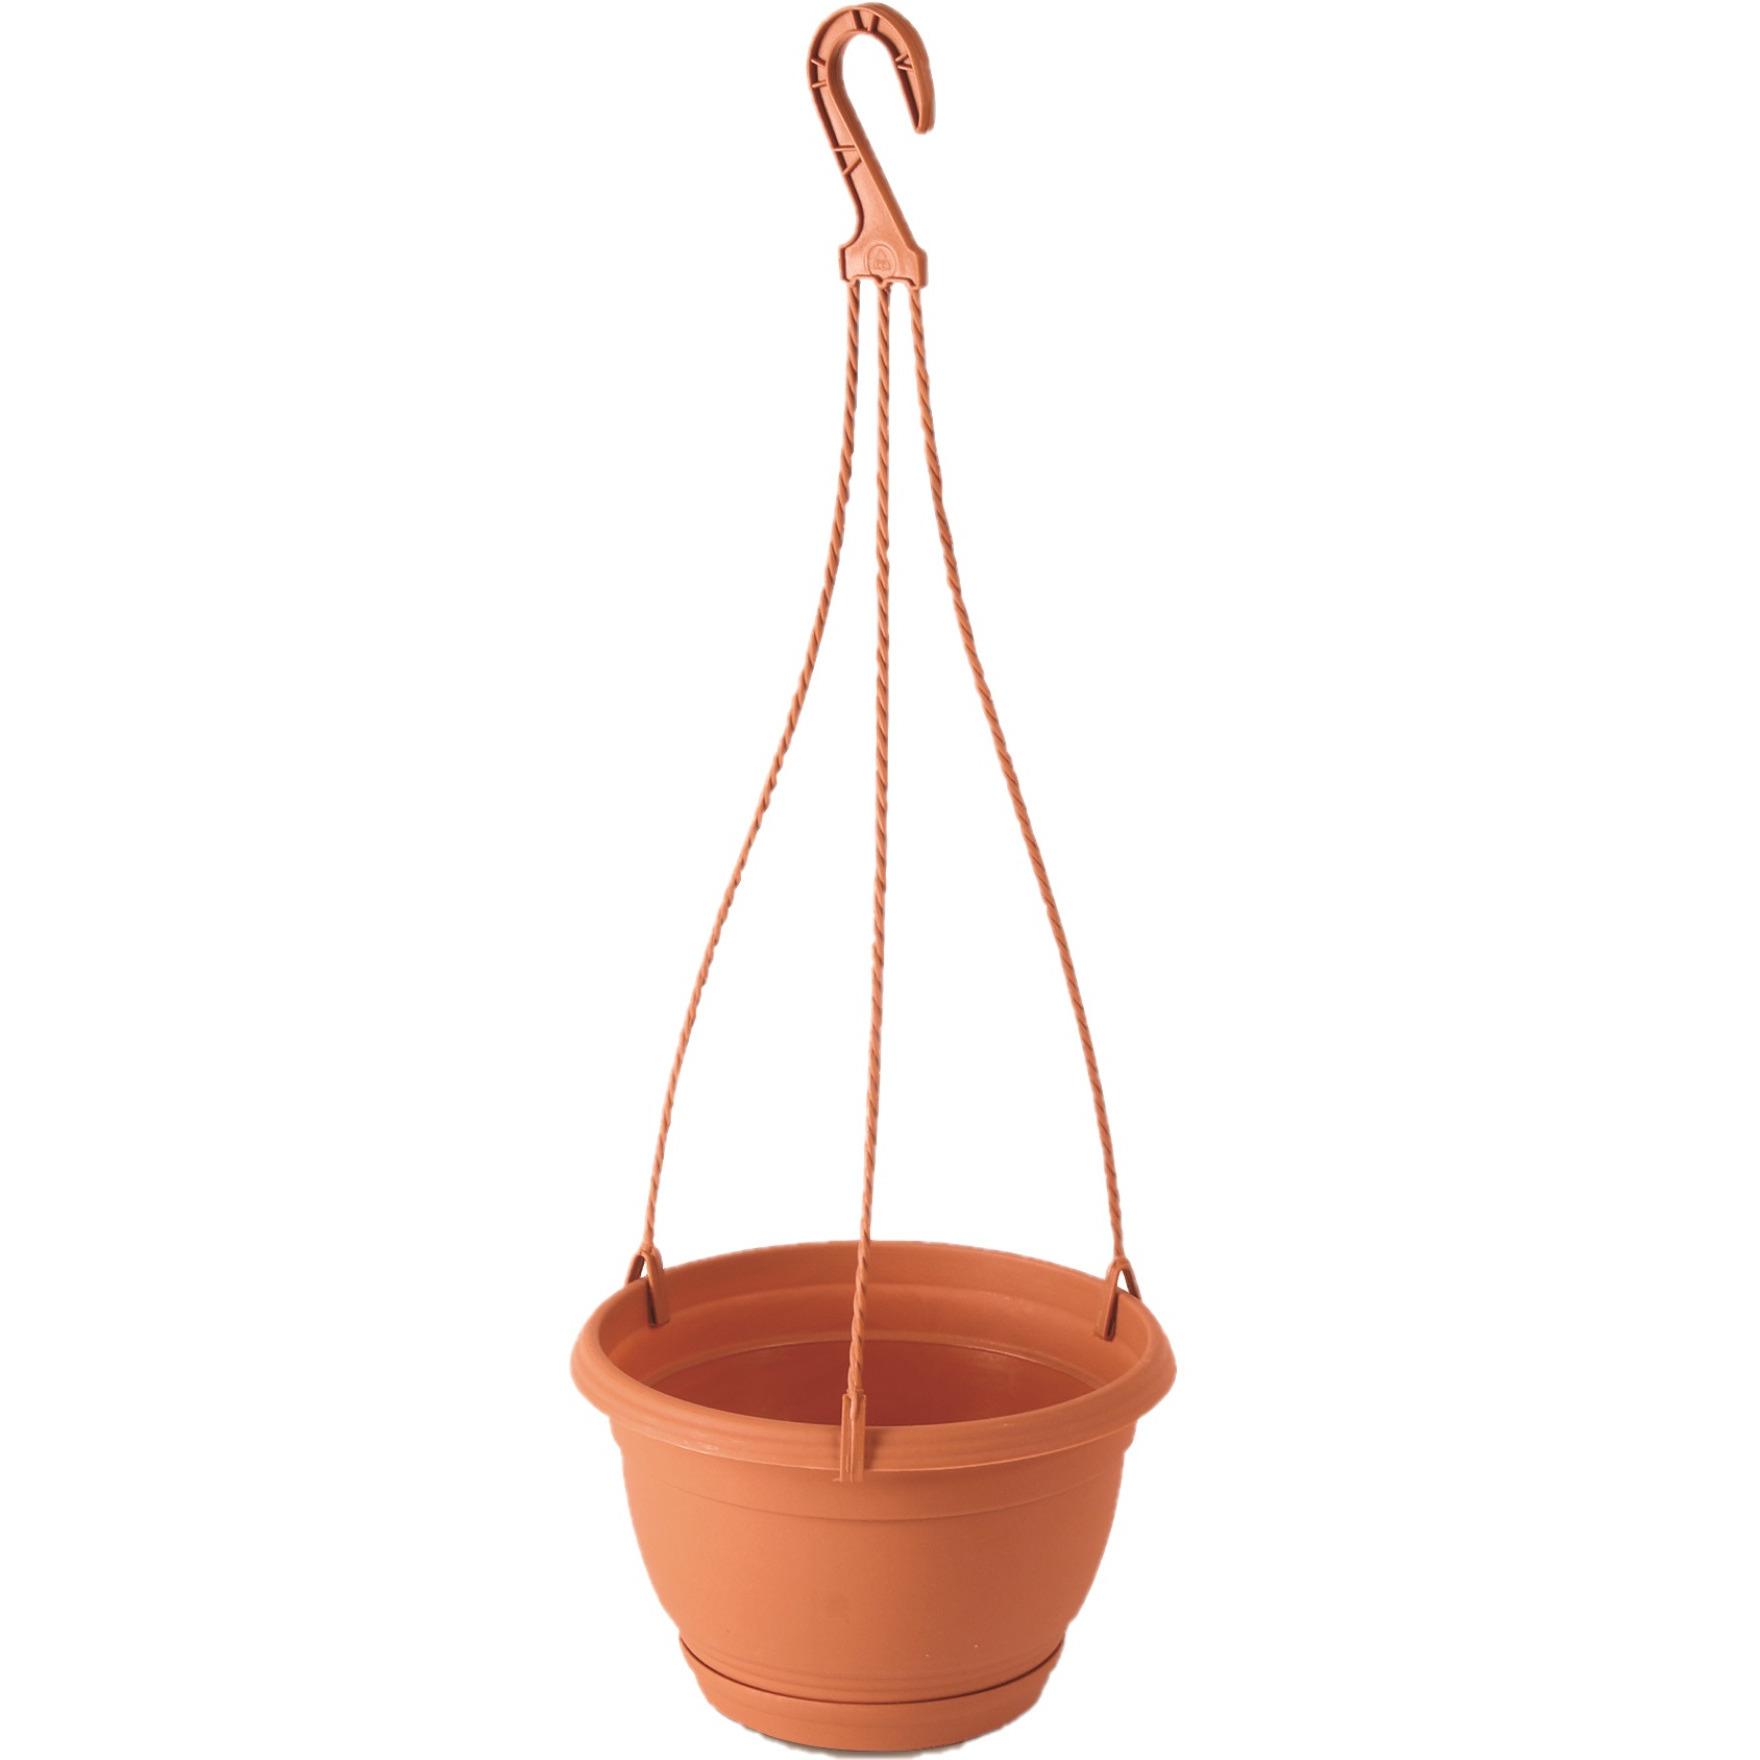 1x Stuks hangende kunststof Agro terracotta bloempot-plantenpot met schotel 1,2 liter